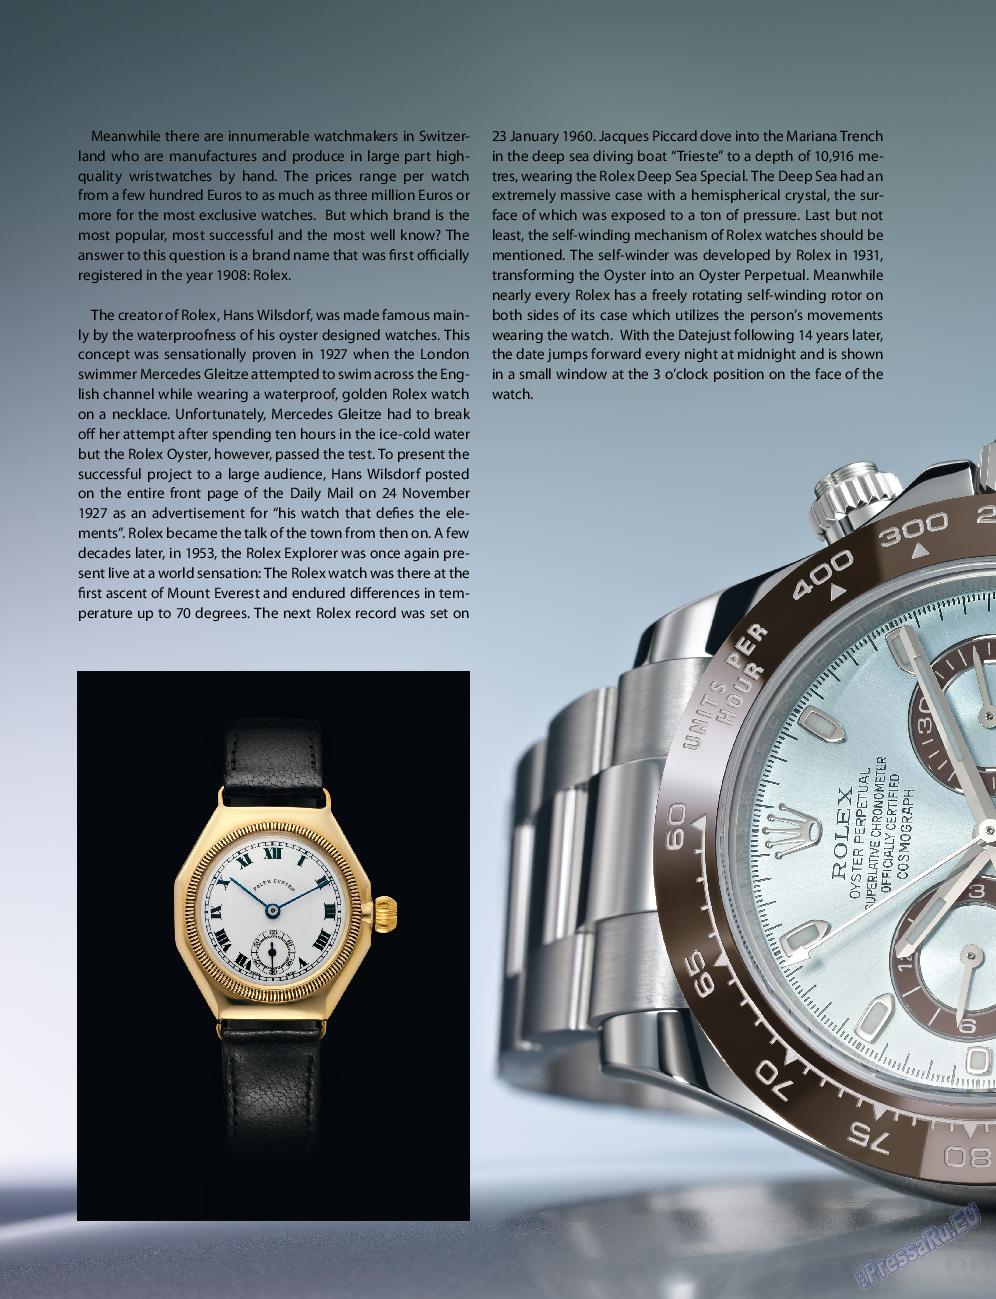 Клан (журнал). 2015 год, номер 8, стр. 94